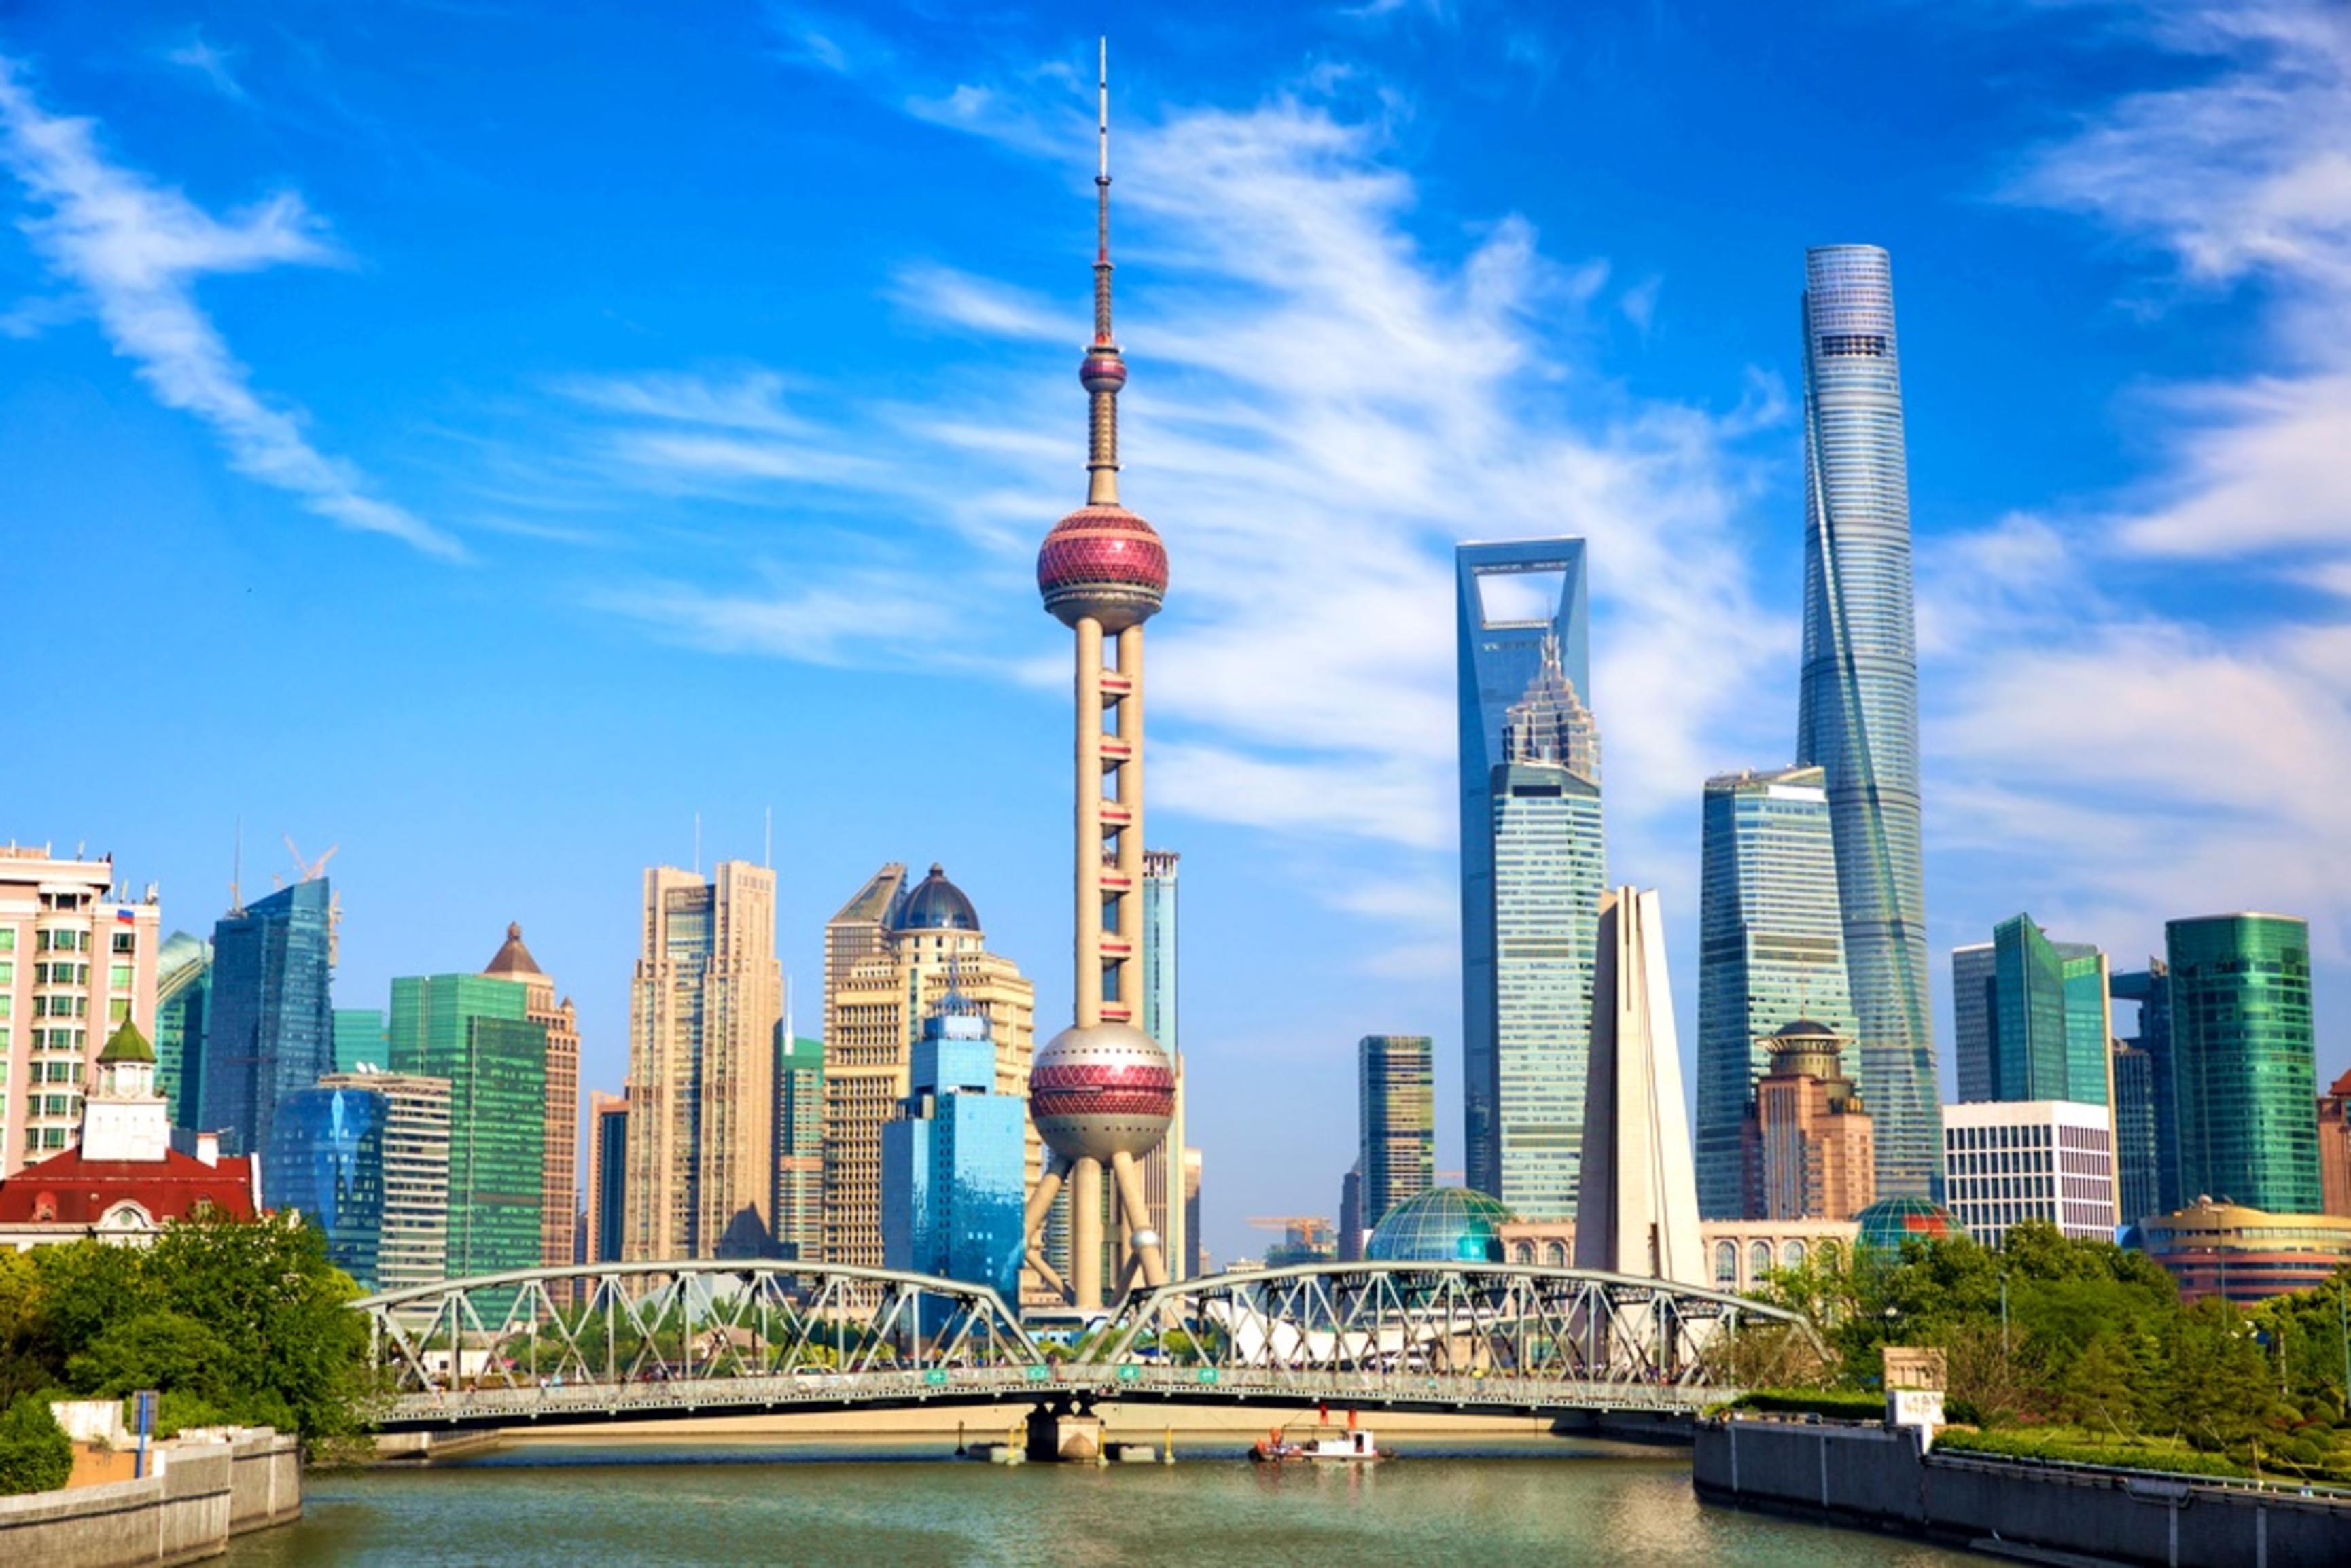 ทัวร์จีน : เซี่ยงไฮ้ หังโจว ล่องเรือชมทะเลสาบซีหู